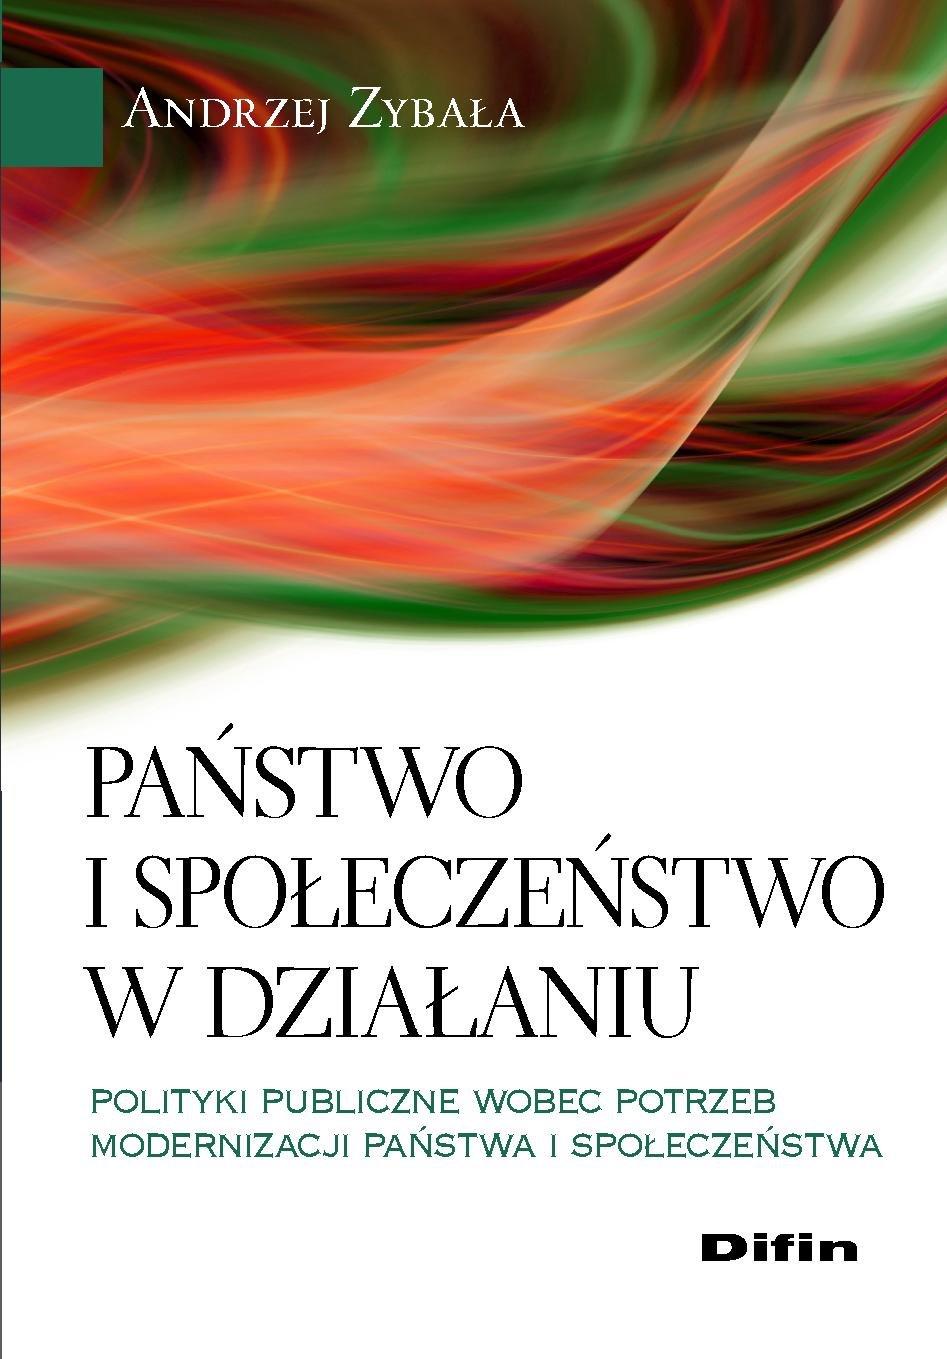 Państwo i społeczeństwo w działaniu. Polityki publiczne wobec potrzeb modernizacji państwa i społeczeństwa - Ebook (Książka EPUB) do pobrania w formacie EPUB